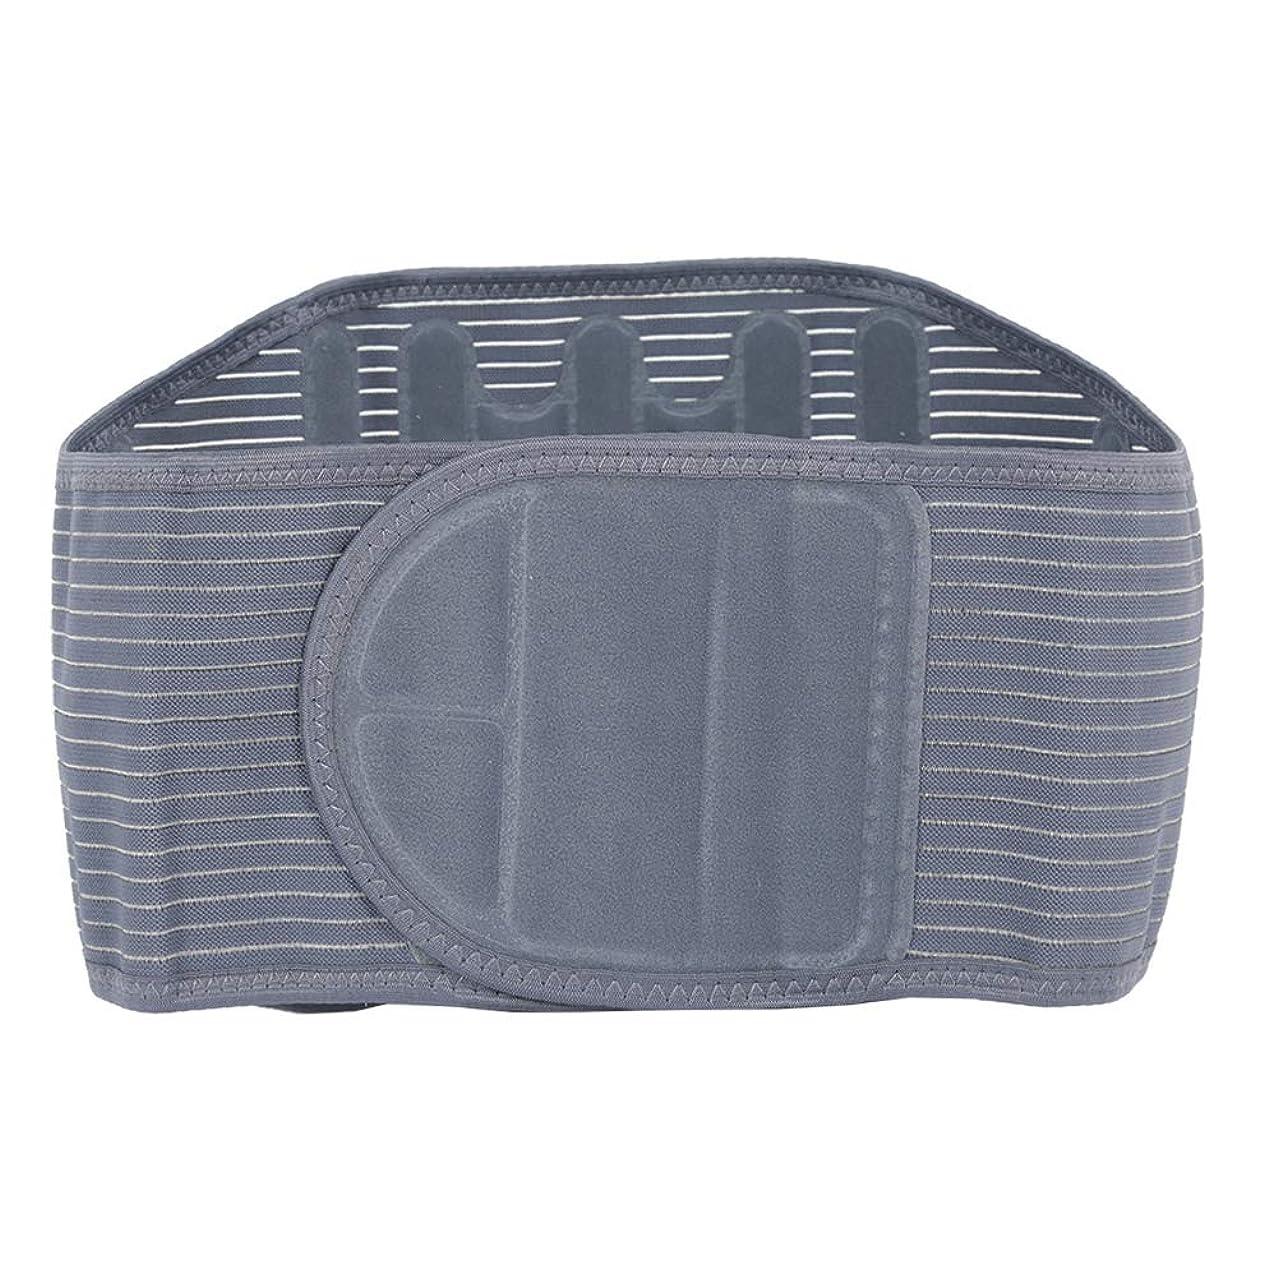 コミュニケーション有益な旅ウエストトレーナー痩身腹ウエストウォーマーベルトバックサポートフィットネススポーツと痛みを軽減する腰椎ウエストブレースラッププロテクター(XL)